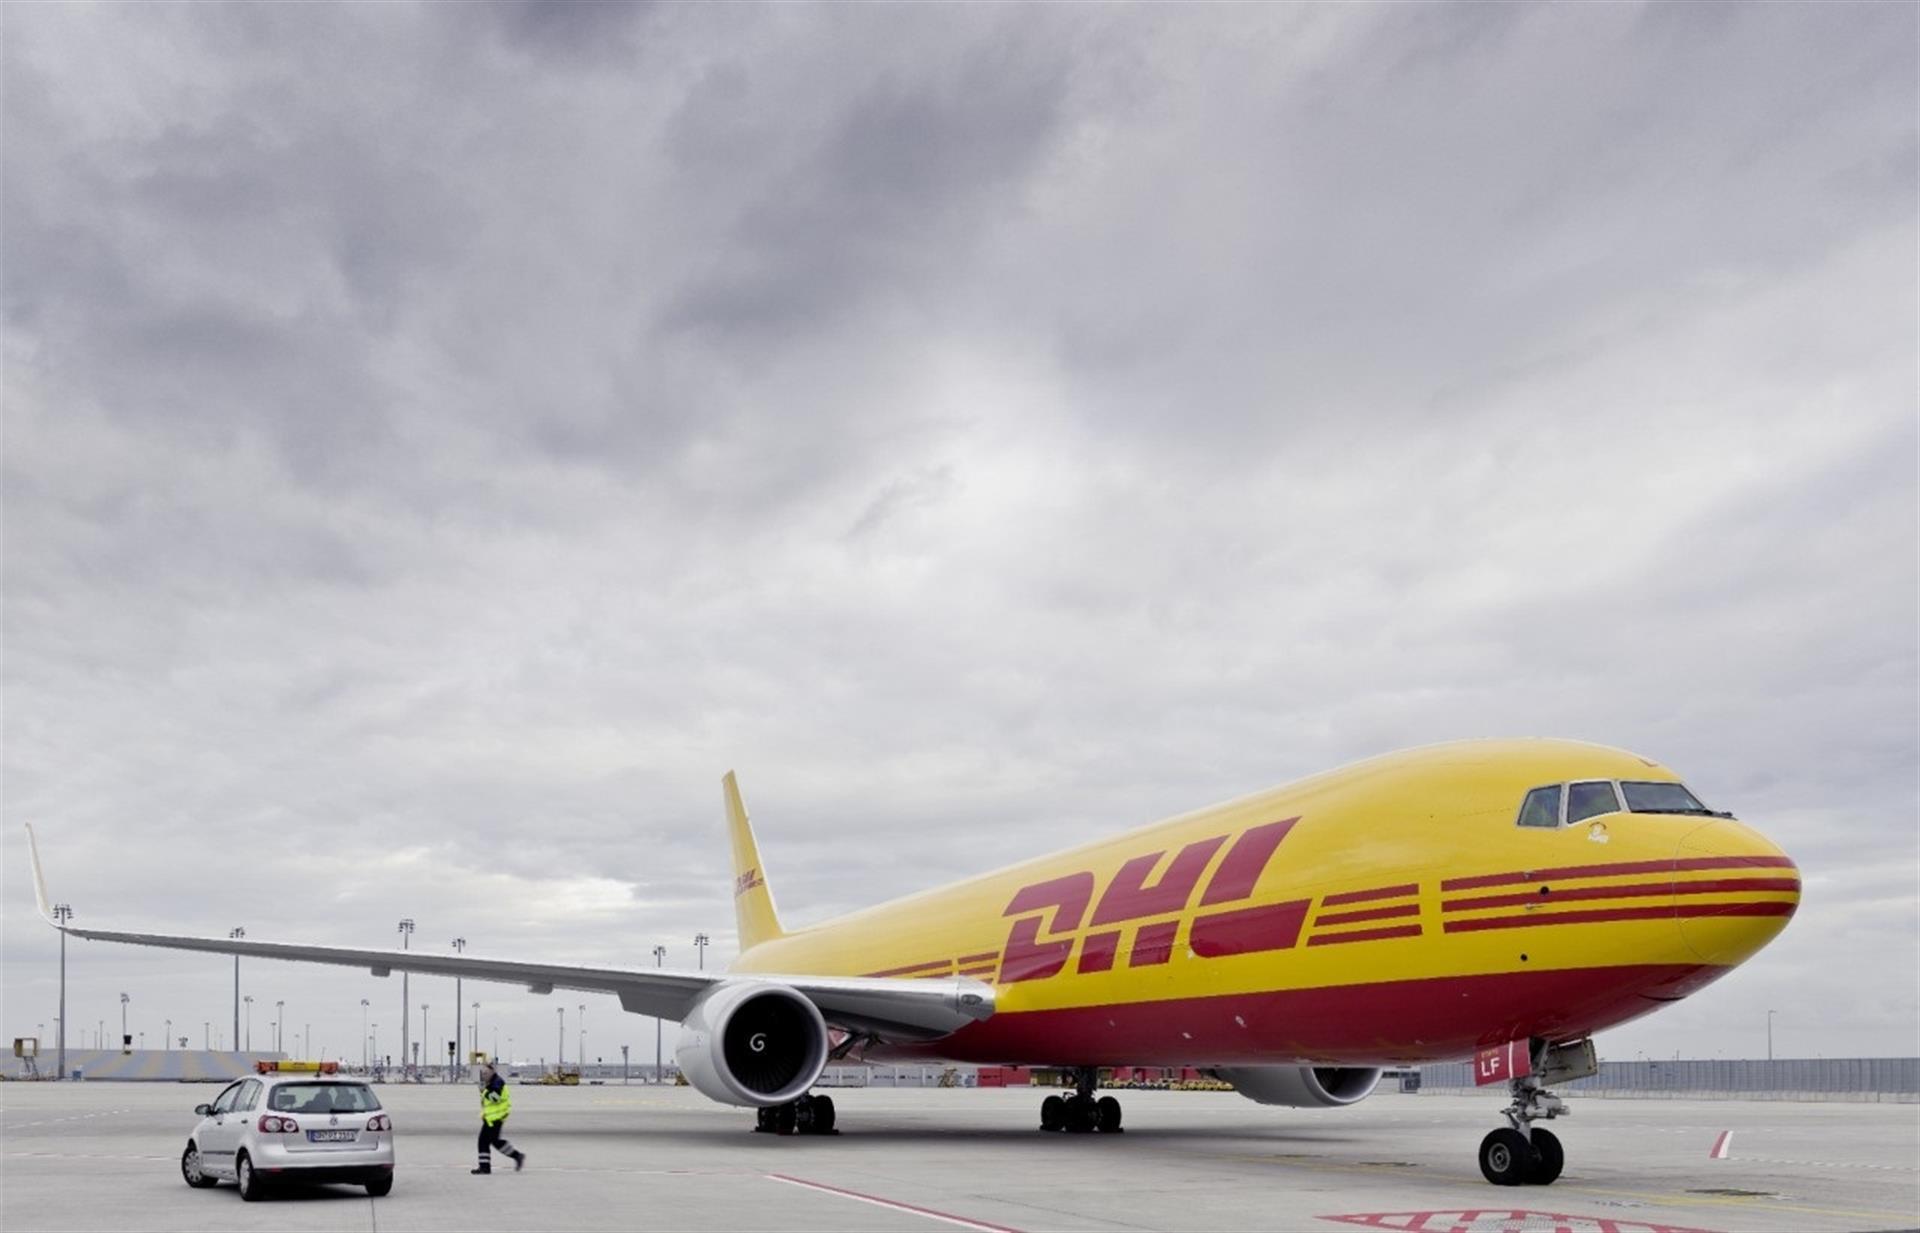 Las pymes españolas apuestan por el e-commerce internacional y crece el 70% desde 2019. CEDIDA/SOLO USO EDITORIAL PARA LA NOTICIA QUE ACOMPAÑA